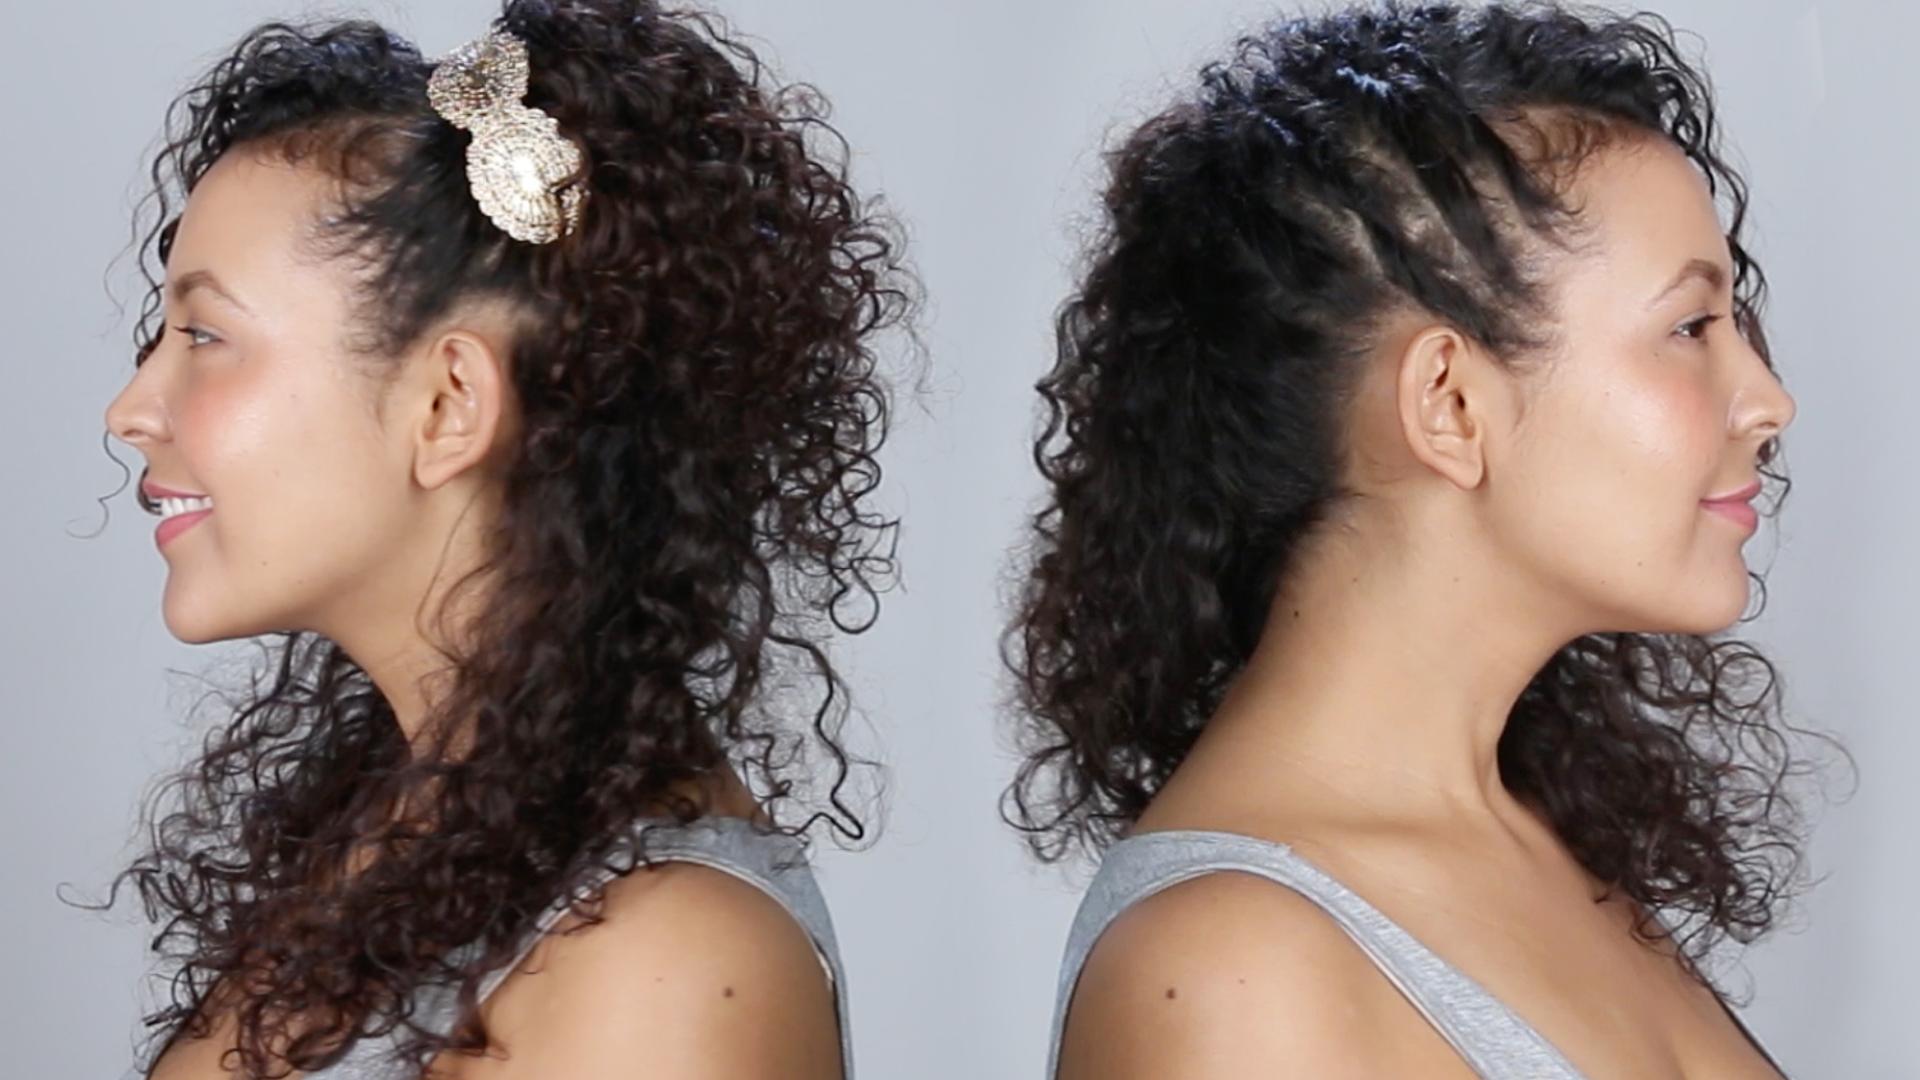 Acconciature capelli ricci corti facili